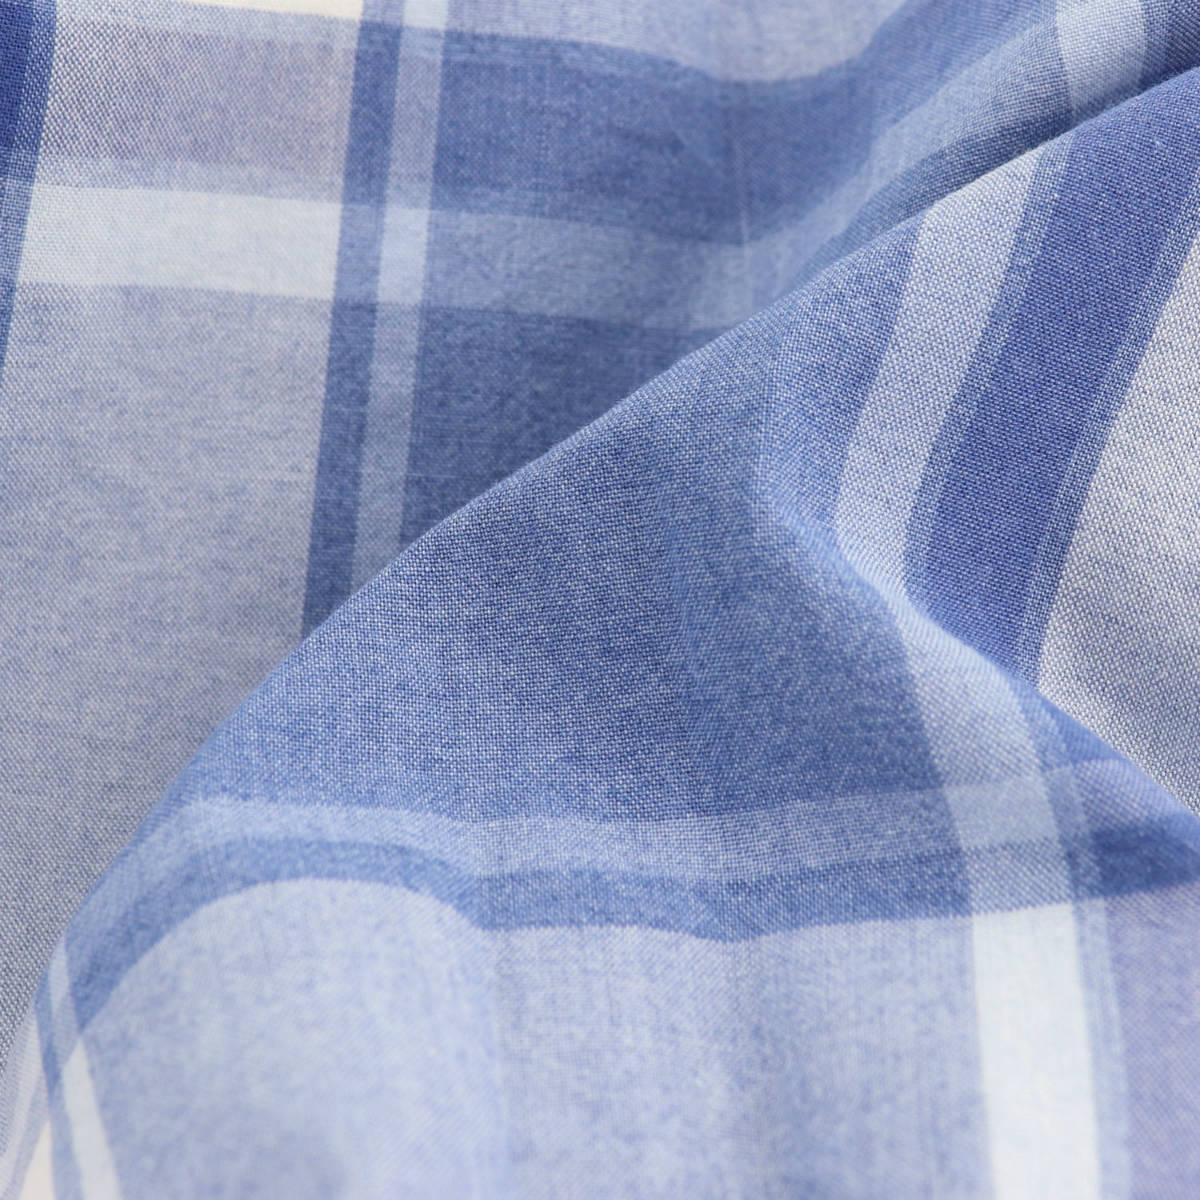 ジャンネット GIANNETTO メンズ ヴィンチフィット チェック柄 カッタウェイ コットンシャツ VINCI FIT BLEACH 1103-395000V84 GNT B002(ブルー) 春夏新作